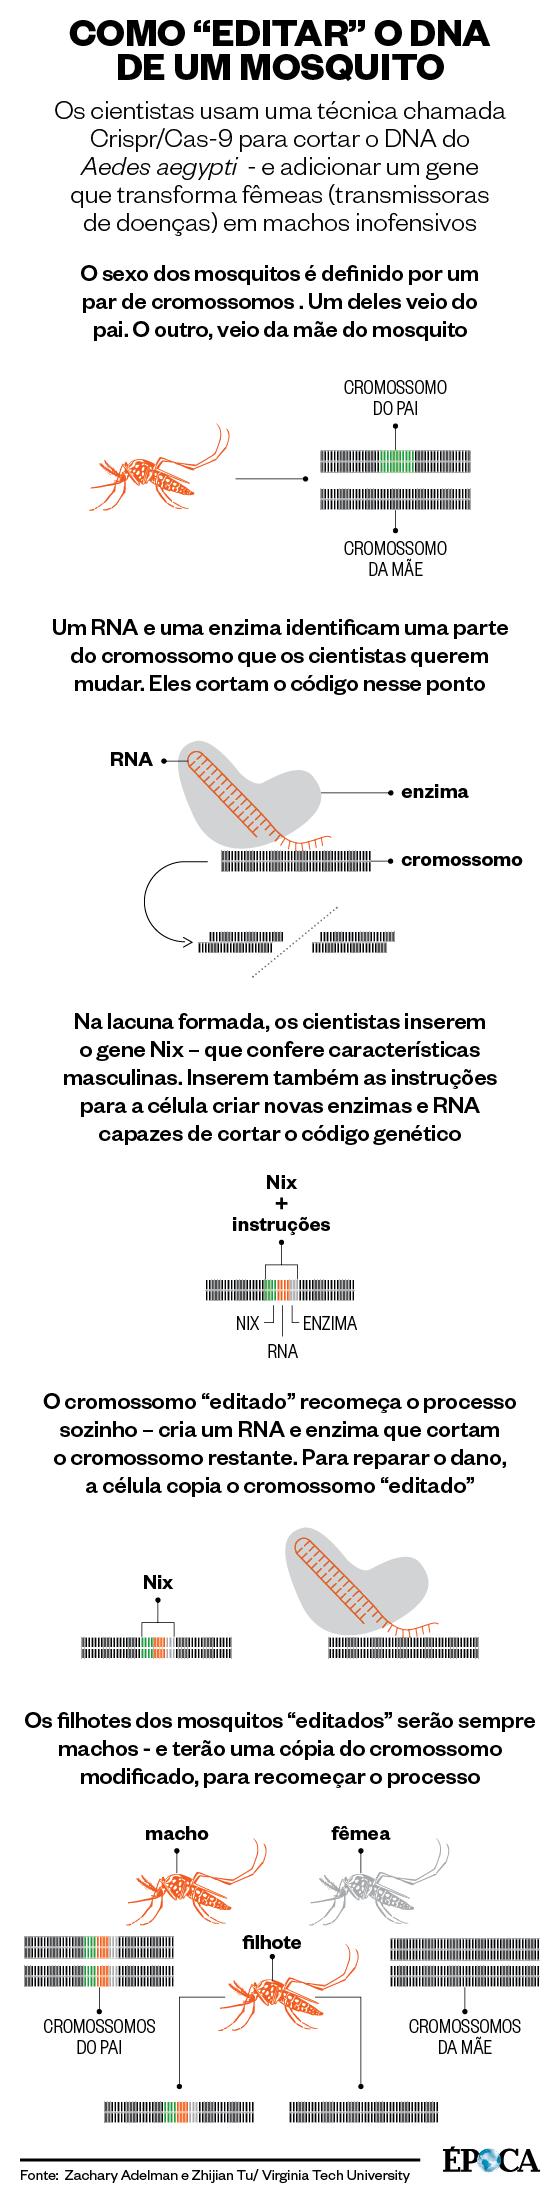 Como editar o DNA de um mosquito (Foto: Giovana Tarakdjian/ÉPOCA)